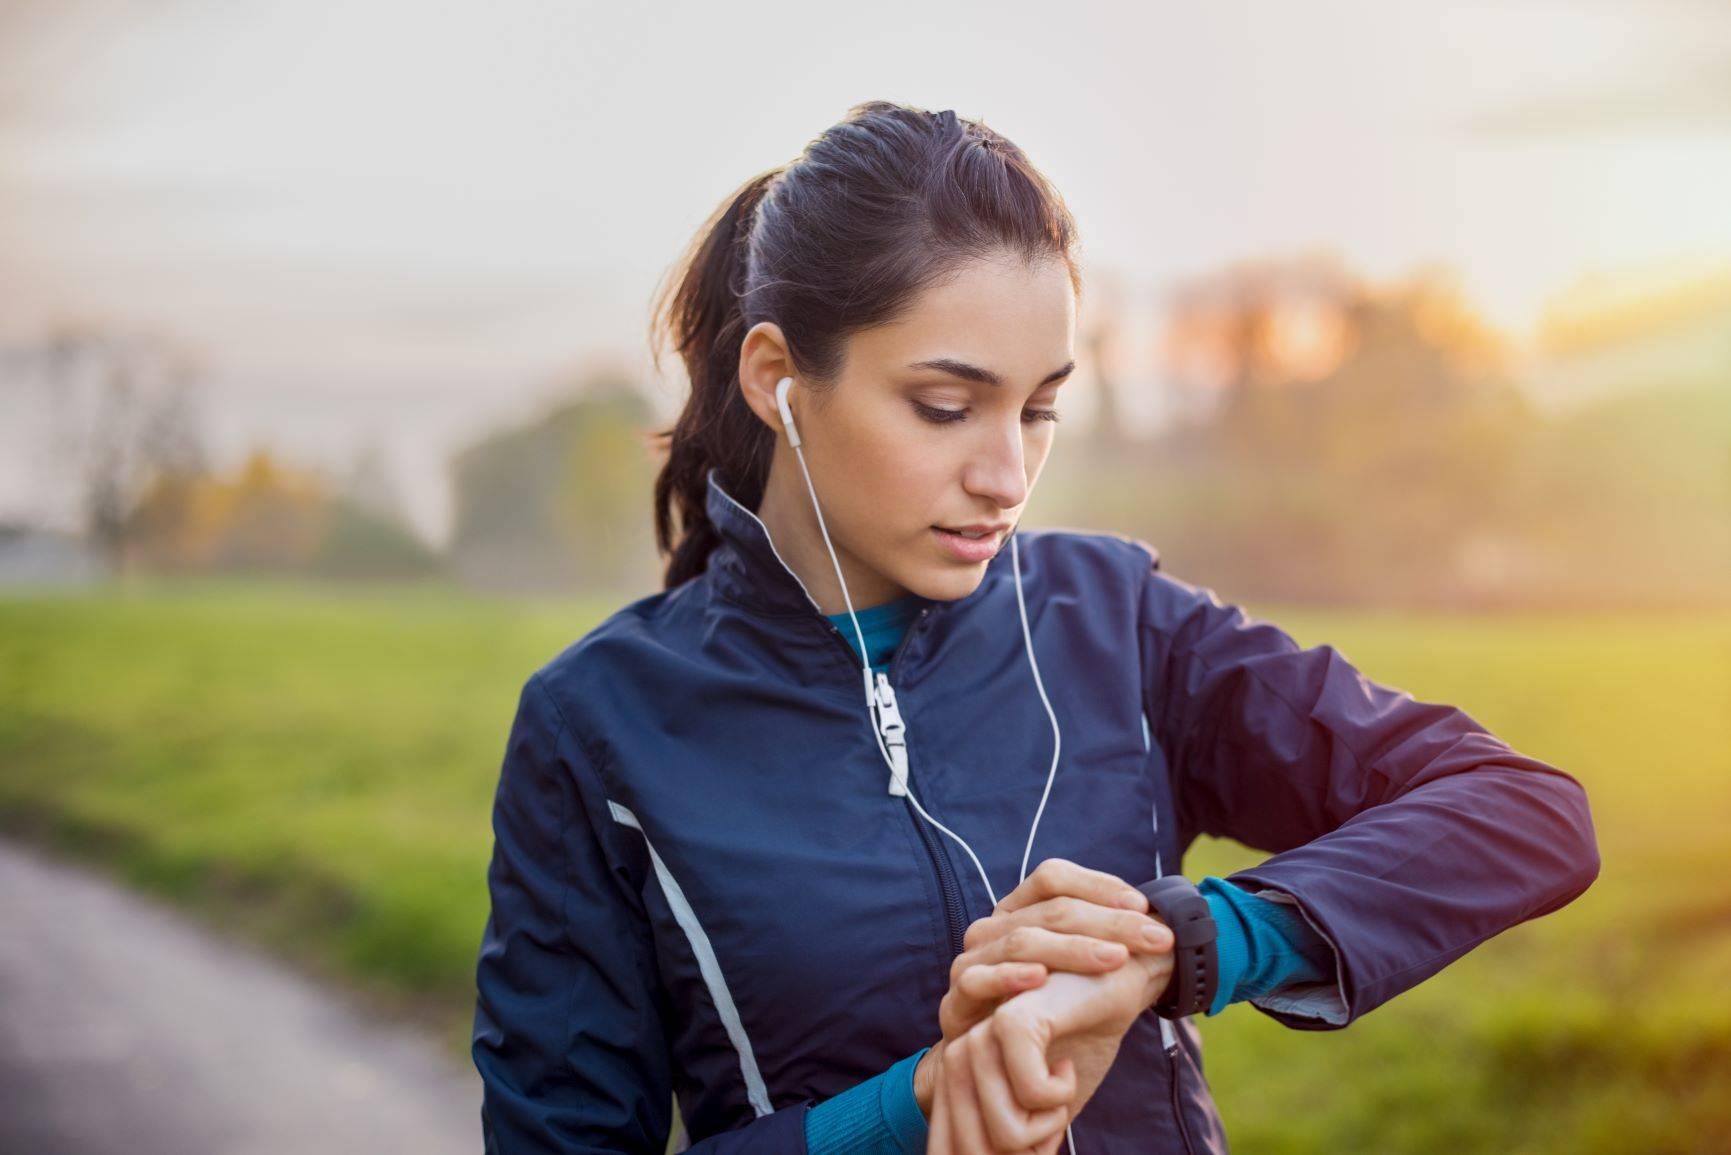 Trening z pulsometrem - czy warto? Młoda wysportowana kobieta uprawia jogging i sprawdza puls.